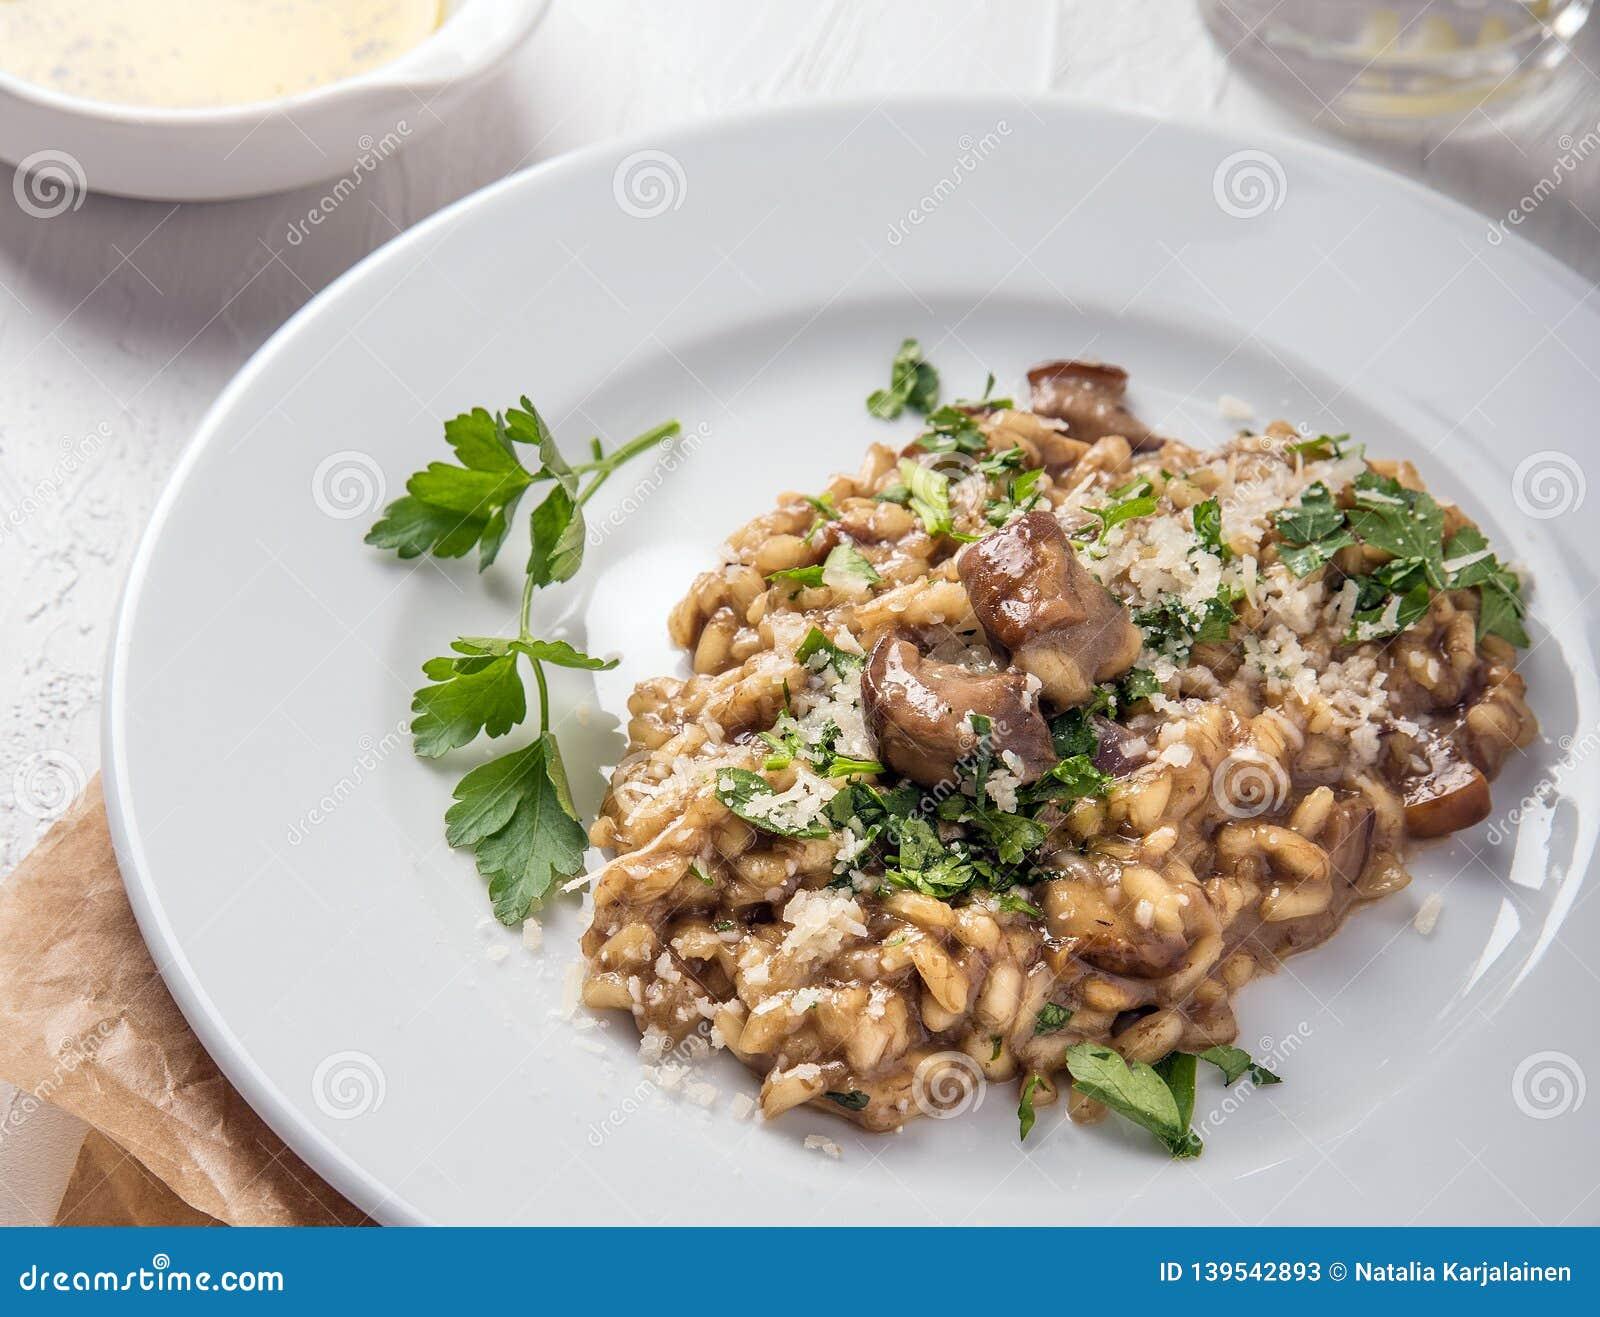 Italienische Nahrung Risotto mit Pilzen und Käse auf einer weißen Platte auf einem weißen Hintergrund